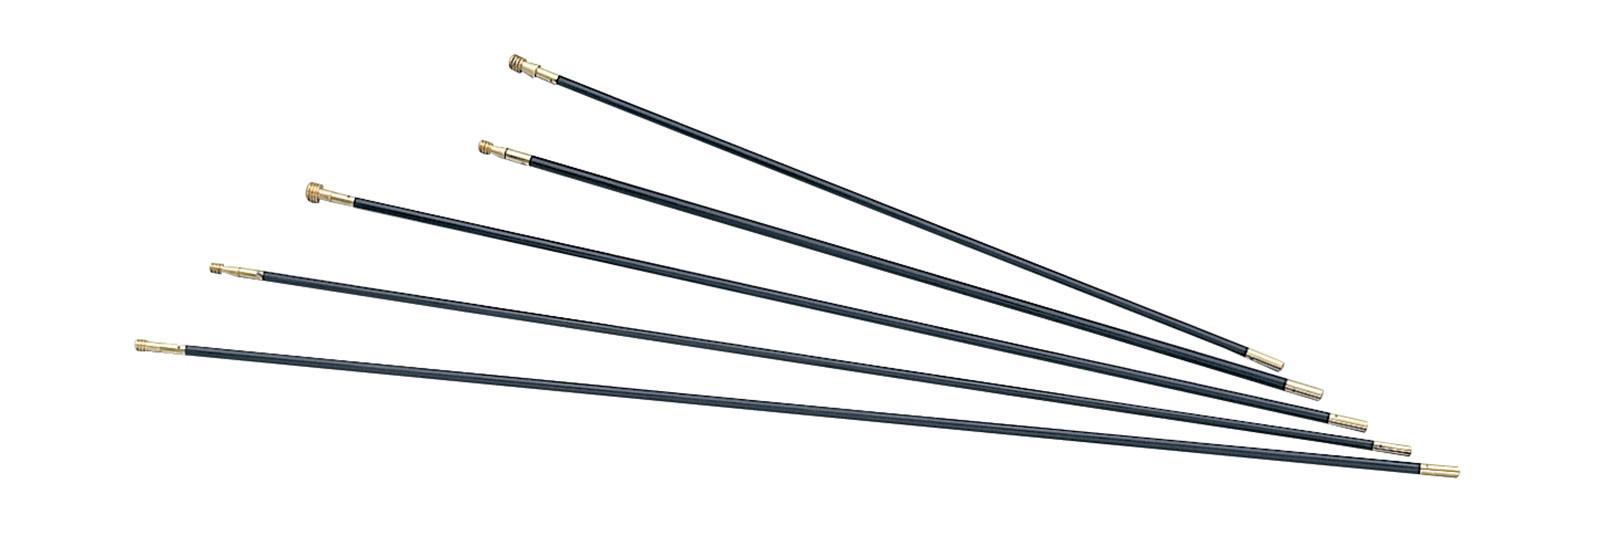 Bacchetta in fibra per armi ad avancarica 9x1060 mm